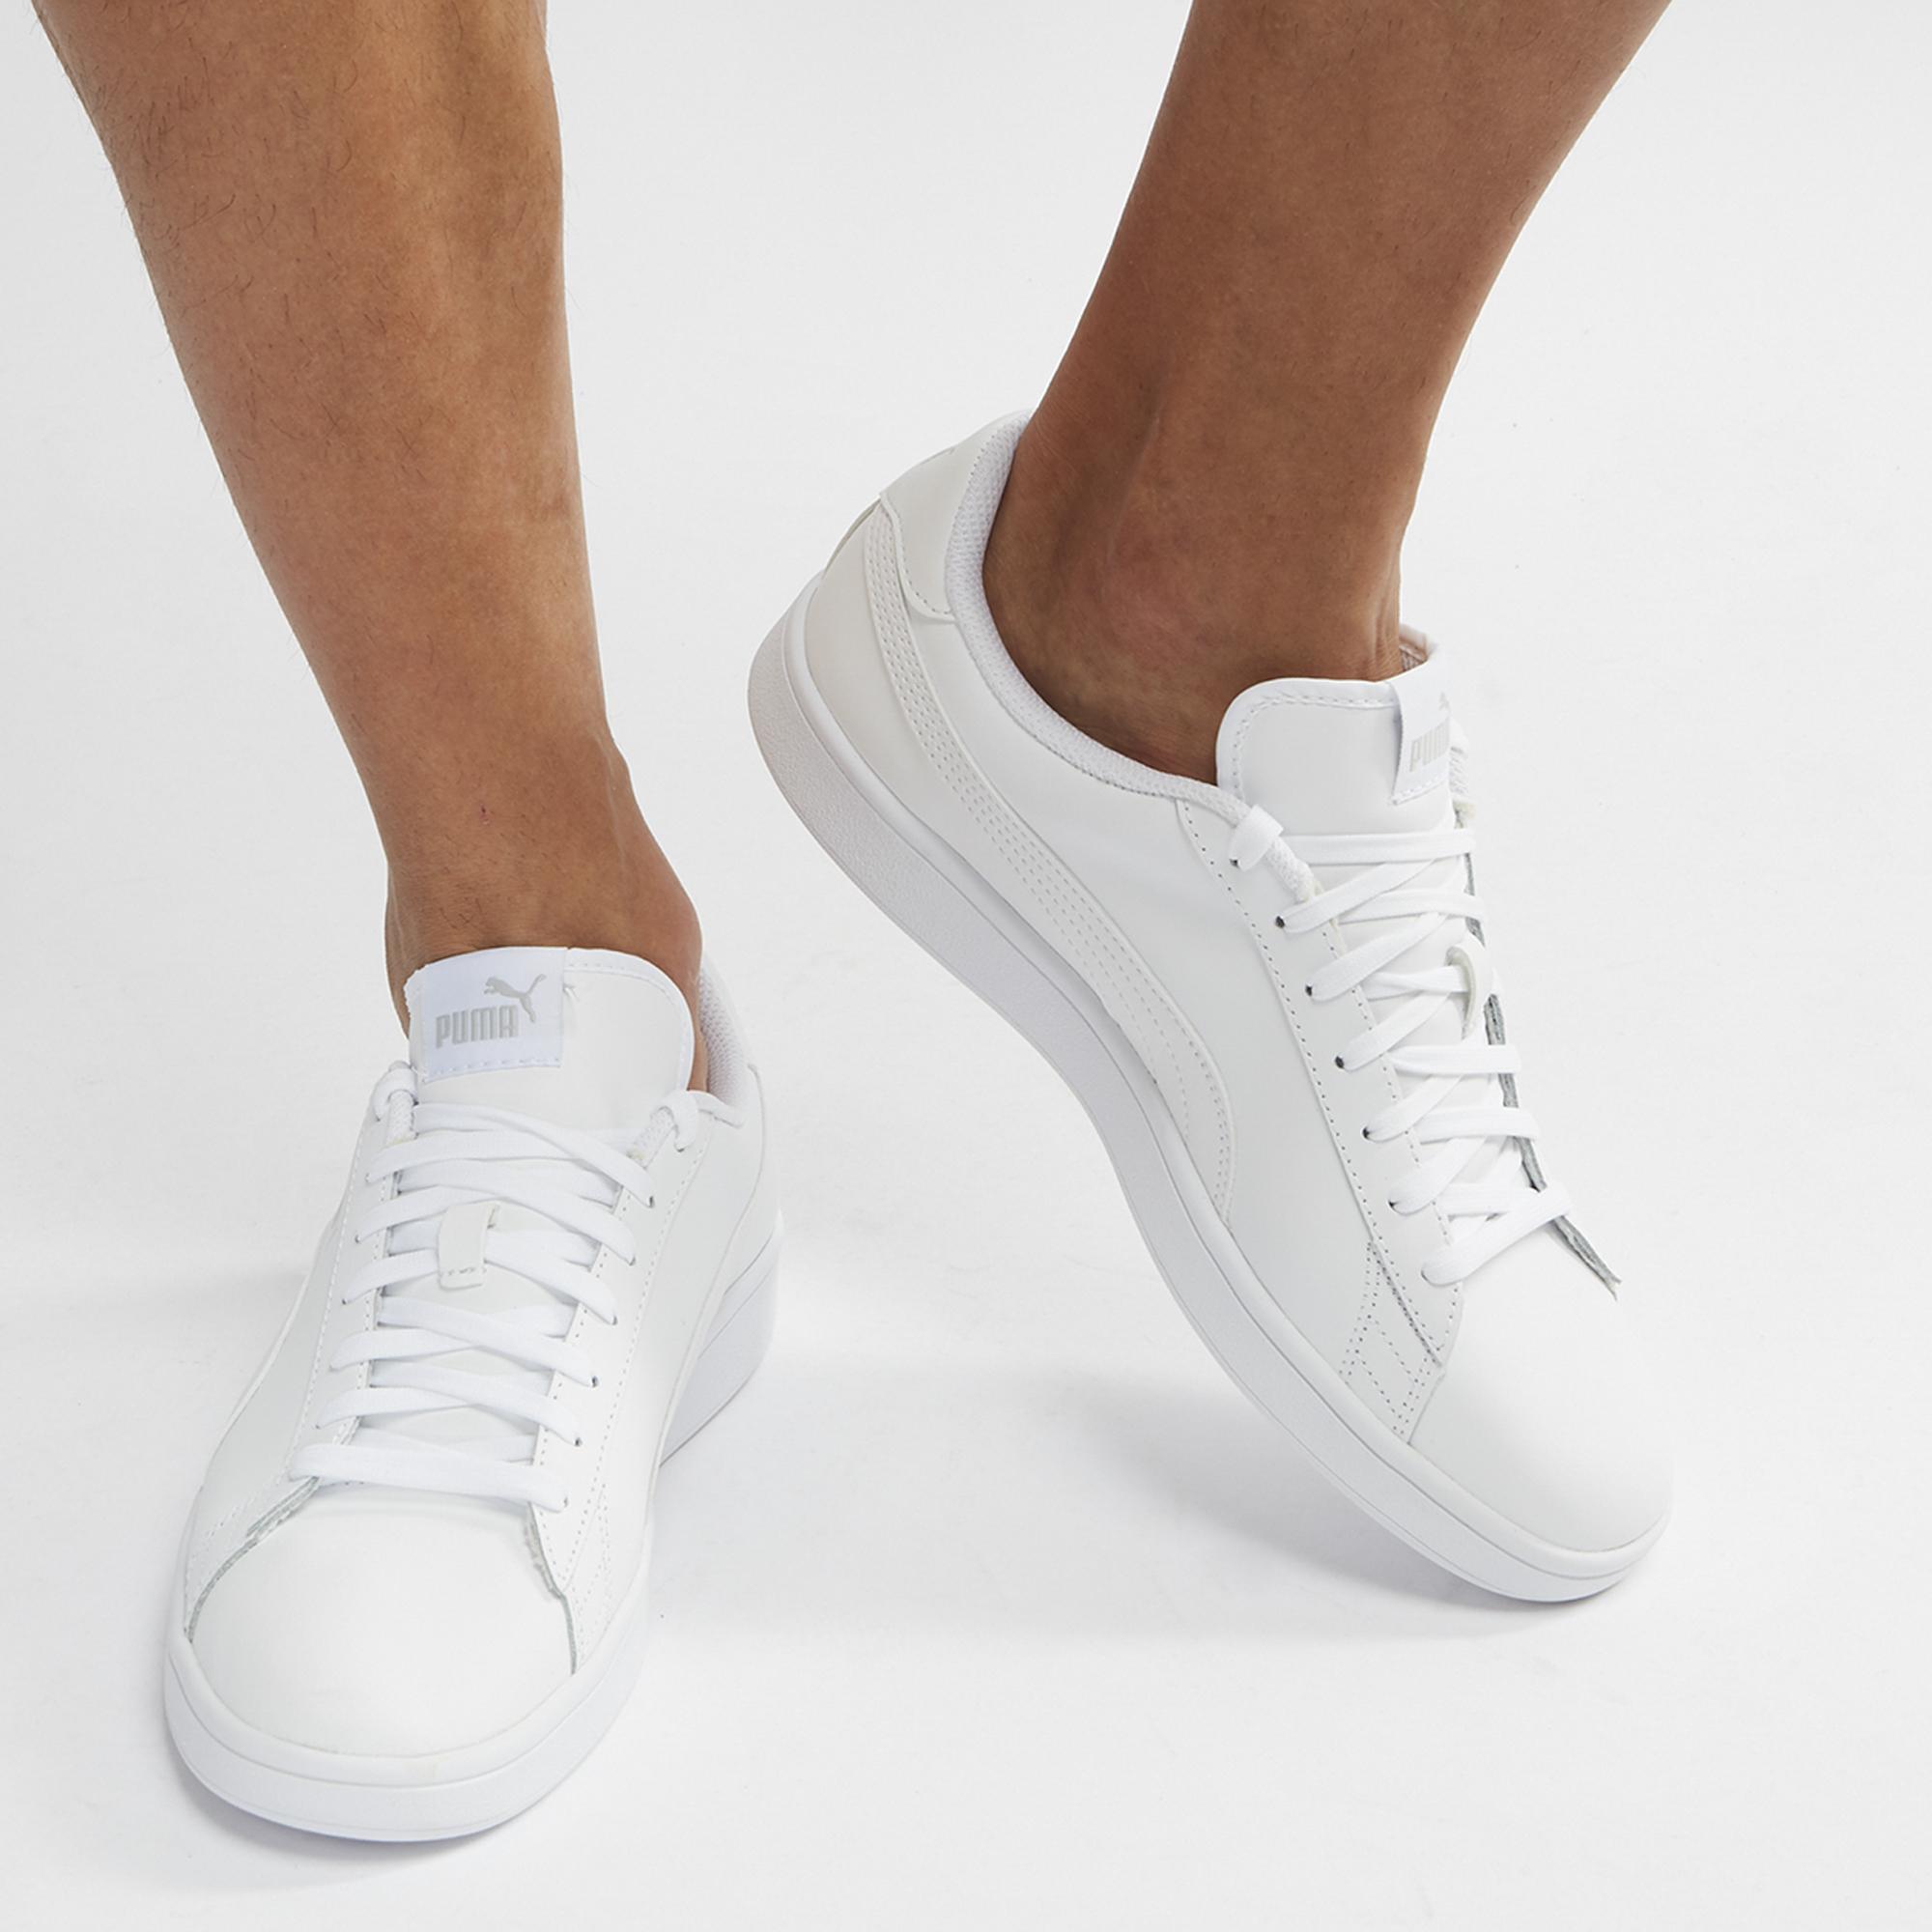 d092a3adafc Shop White PUMA Smash V2 Leather Shoe for Mens by PUMA - 8